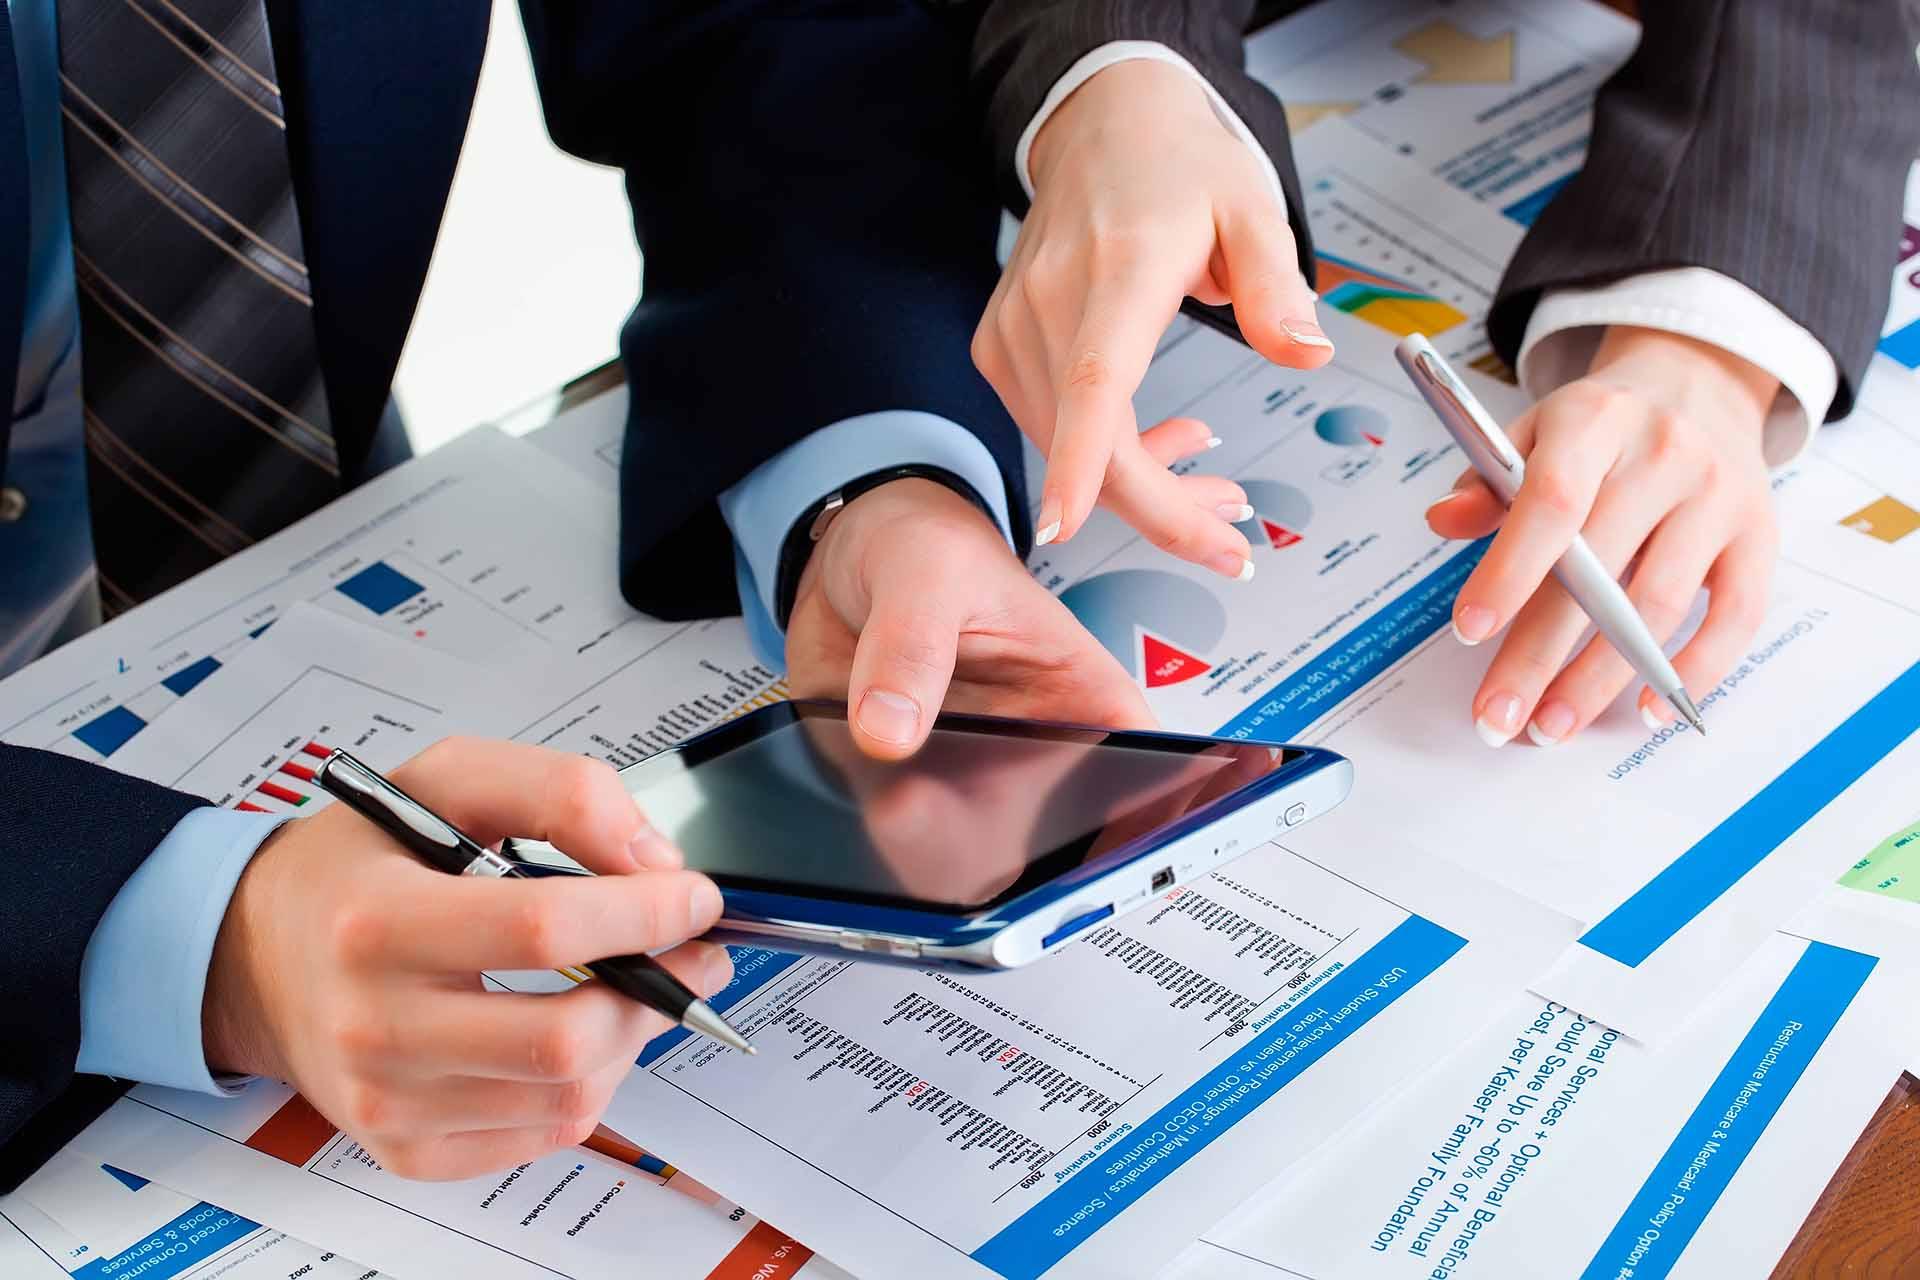 Бесплатный вебинар: Экспресс-методы взрывного роста продаж без вложений